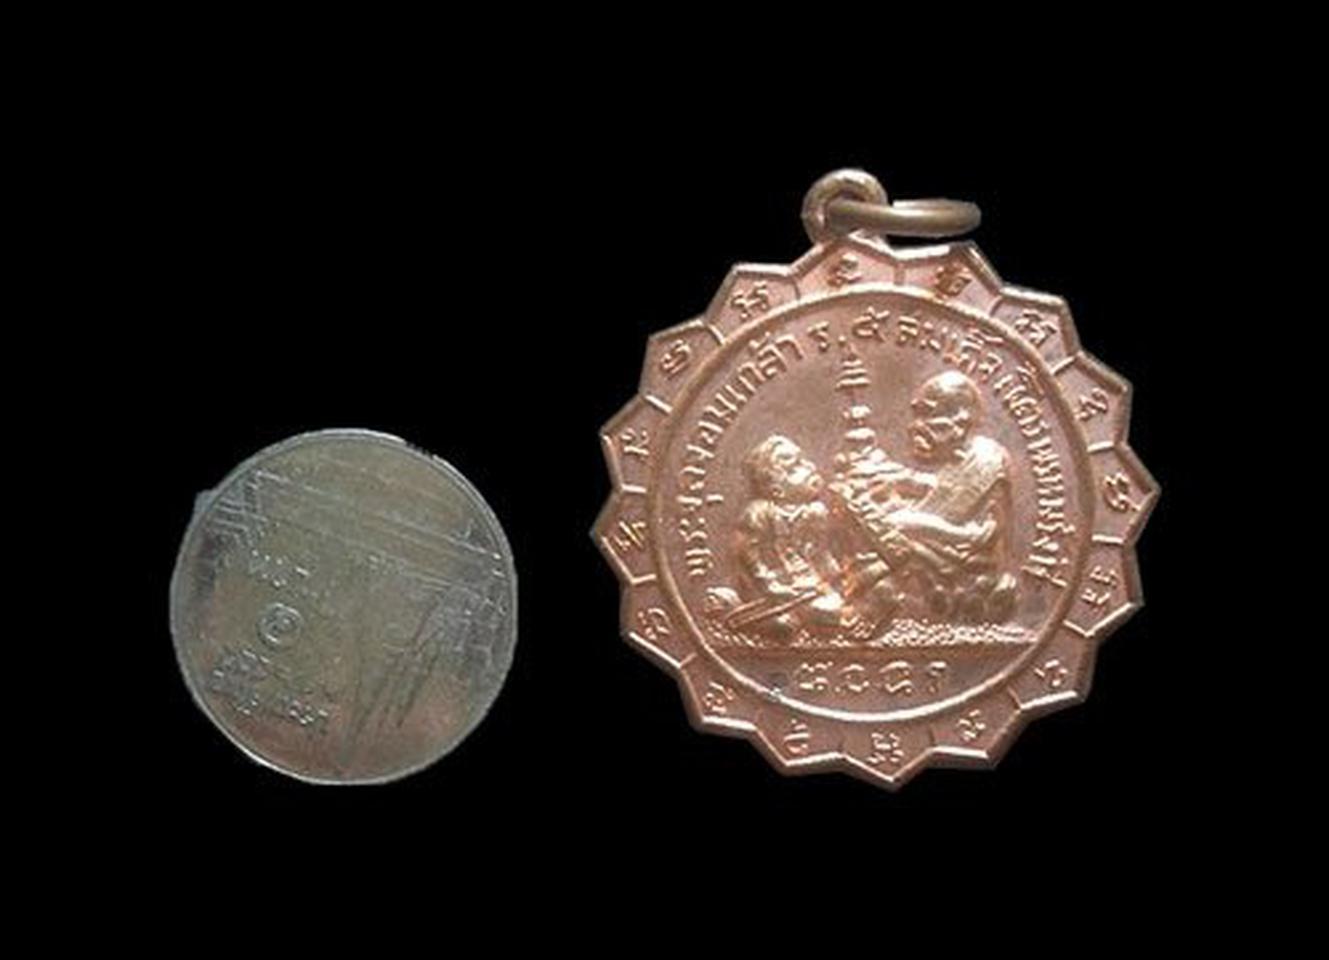 เหรียญพระจุลจอมเกล้า ร.5 สมเด็จโต พรหมรังษี รูปที่ 3